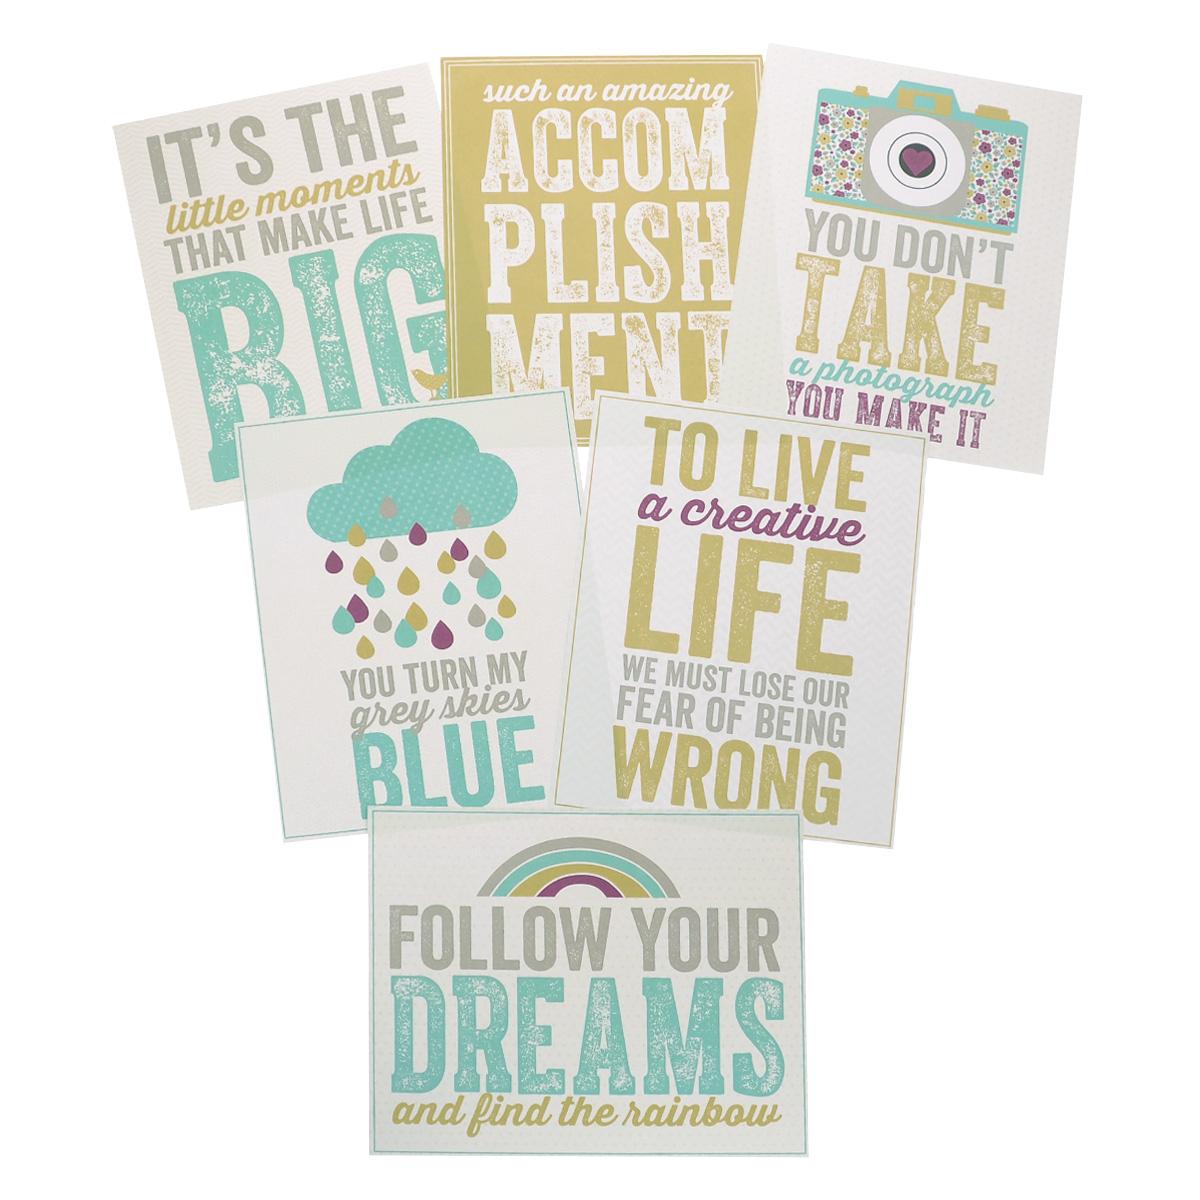 Карточки для скрапбукинга My Minds Eye Here is Happy, 6 штREC132Карточки My Minds Eye Here is Happy - это элементы для создания изделий в скрапбукинге и кардмейкинге. Ими можно дополнять дизайн своих фото-альбомов, открыток, подарочных коробок, тетрадей - используется для всего, на что хватит фантазии. С их помощью можно сделать вещи более запоминающимися и красивыми. Можно оформить их как приглашения на ужин, анкеты или открытки. Каждая карточка имеет свой оригинальный дизайн. Создавайте оригинальные композиции и украшайте свои творческие задумки! Размер карточки: 25 см х 20 см.